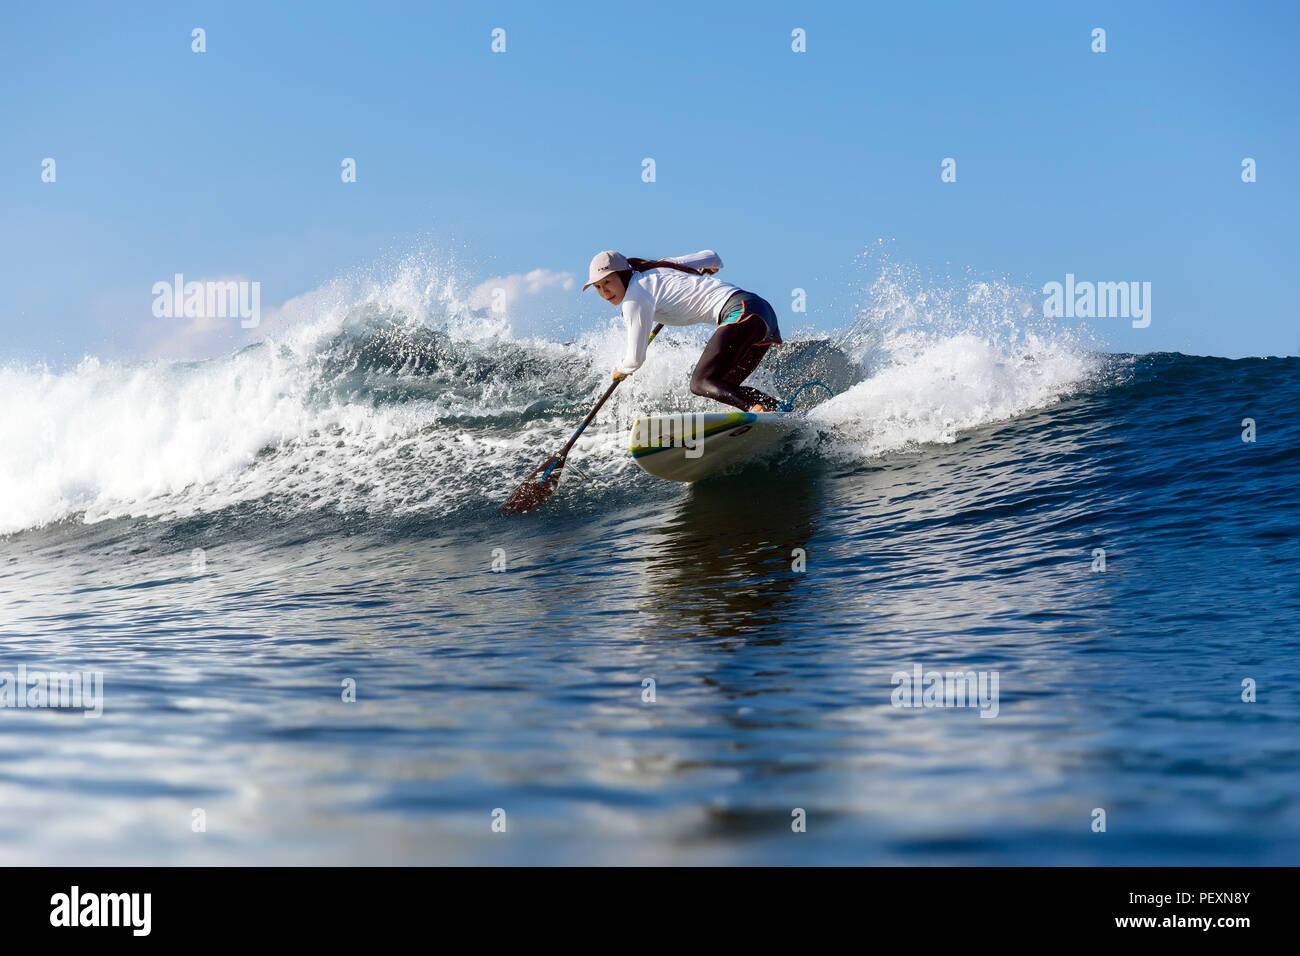 Female paddle surfer riding wave - Stock Image